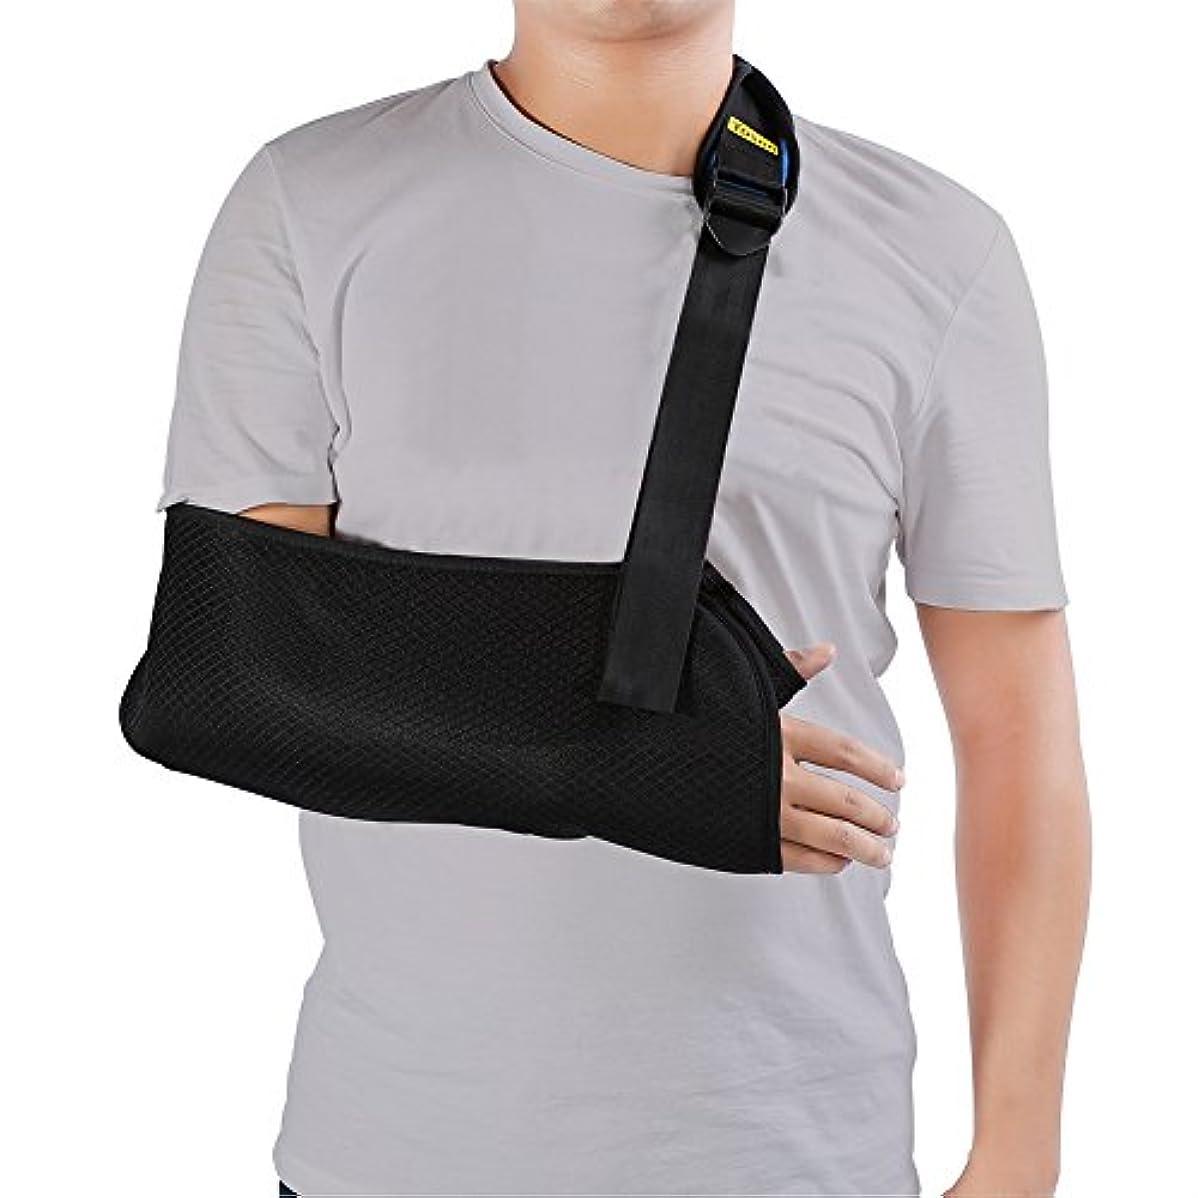 渇き二次ジャグリングアームスリング アームホルダー 腕つりサポーター 成人用サイズ 骨折 脱臼 ギプス 調節可能 通気性抜群 左右兼用 ブラック